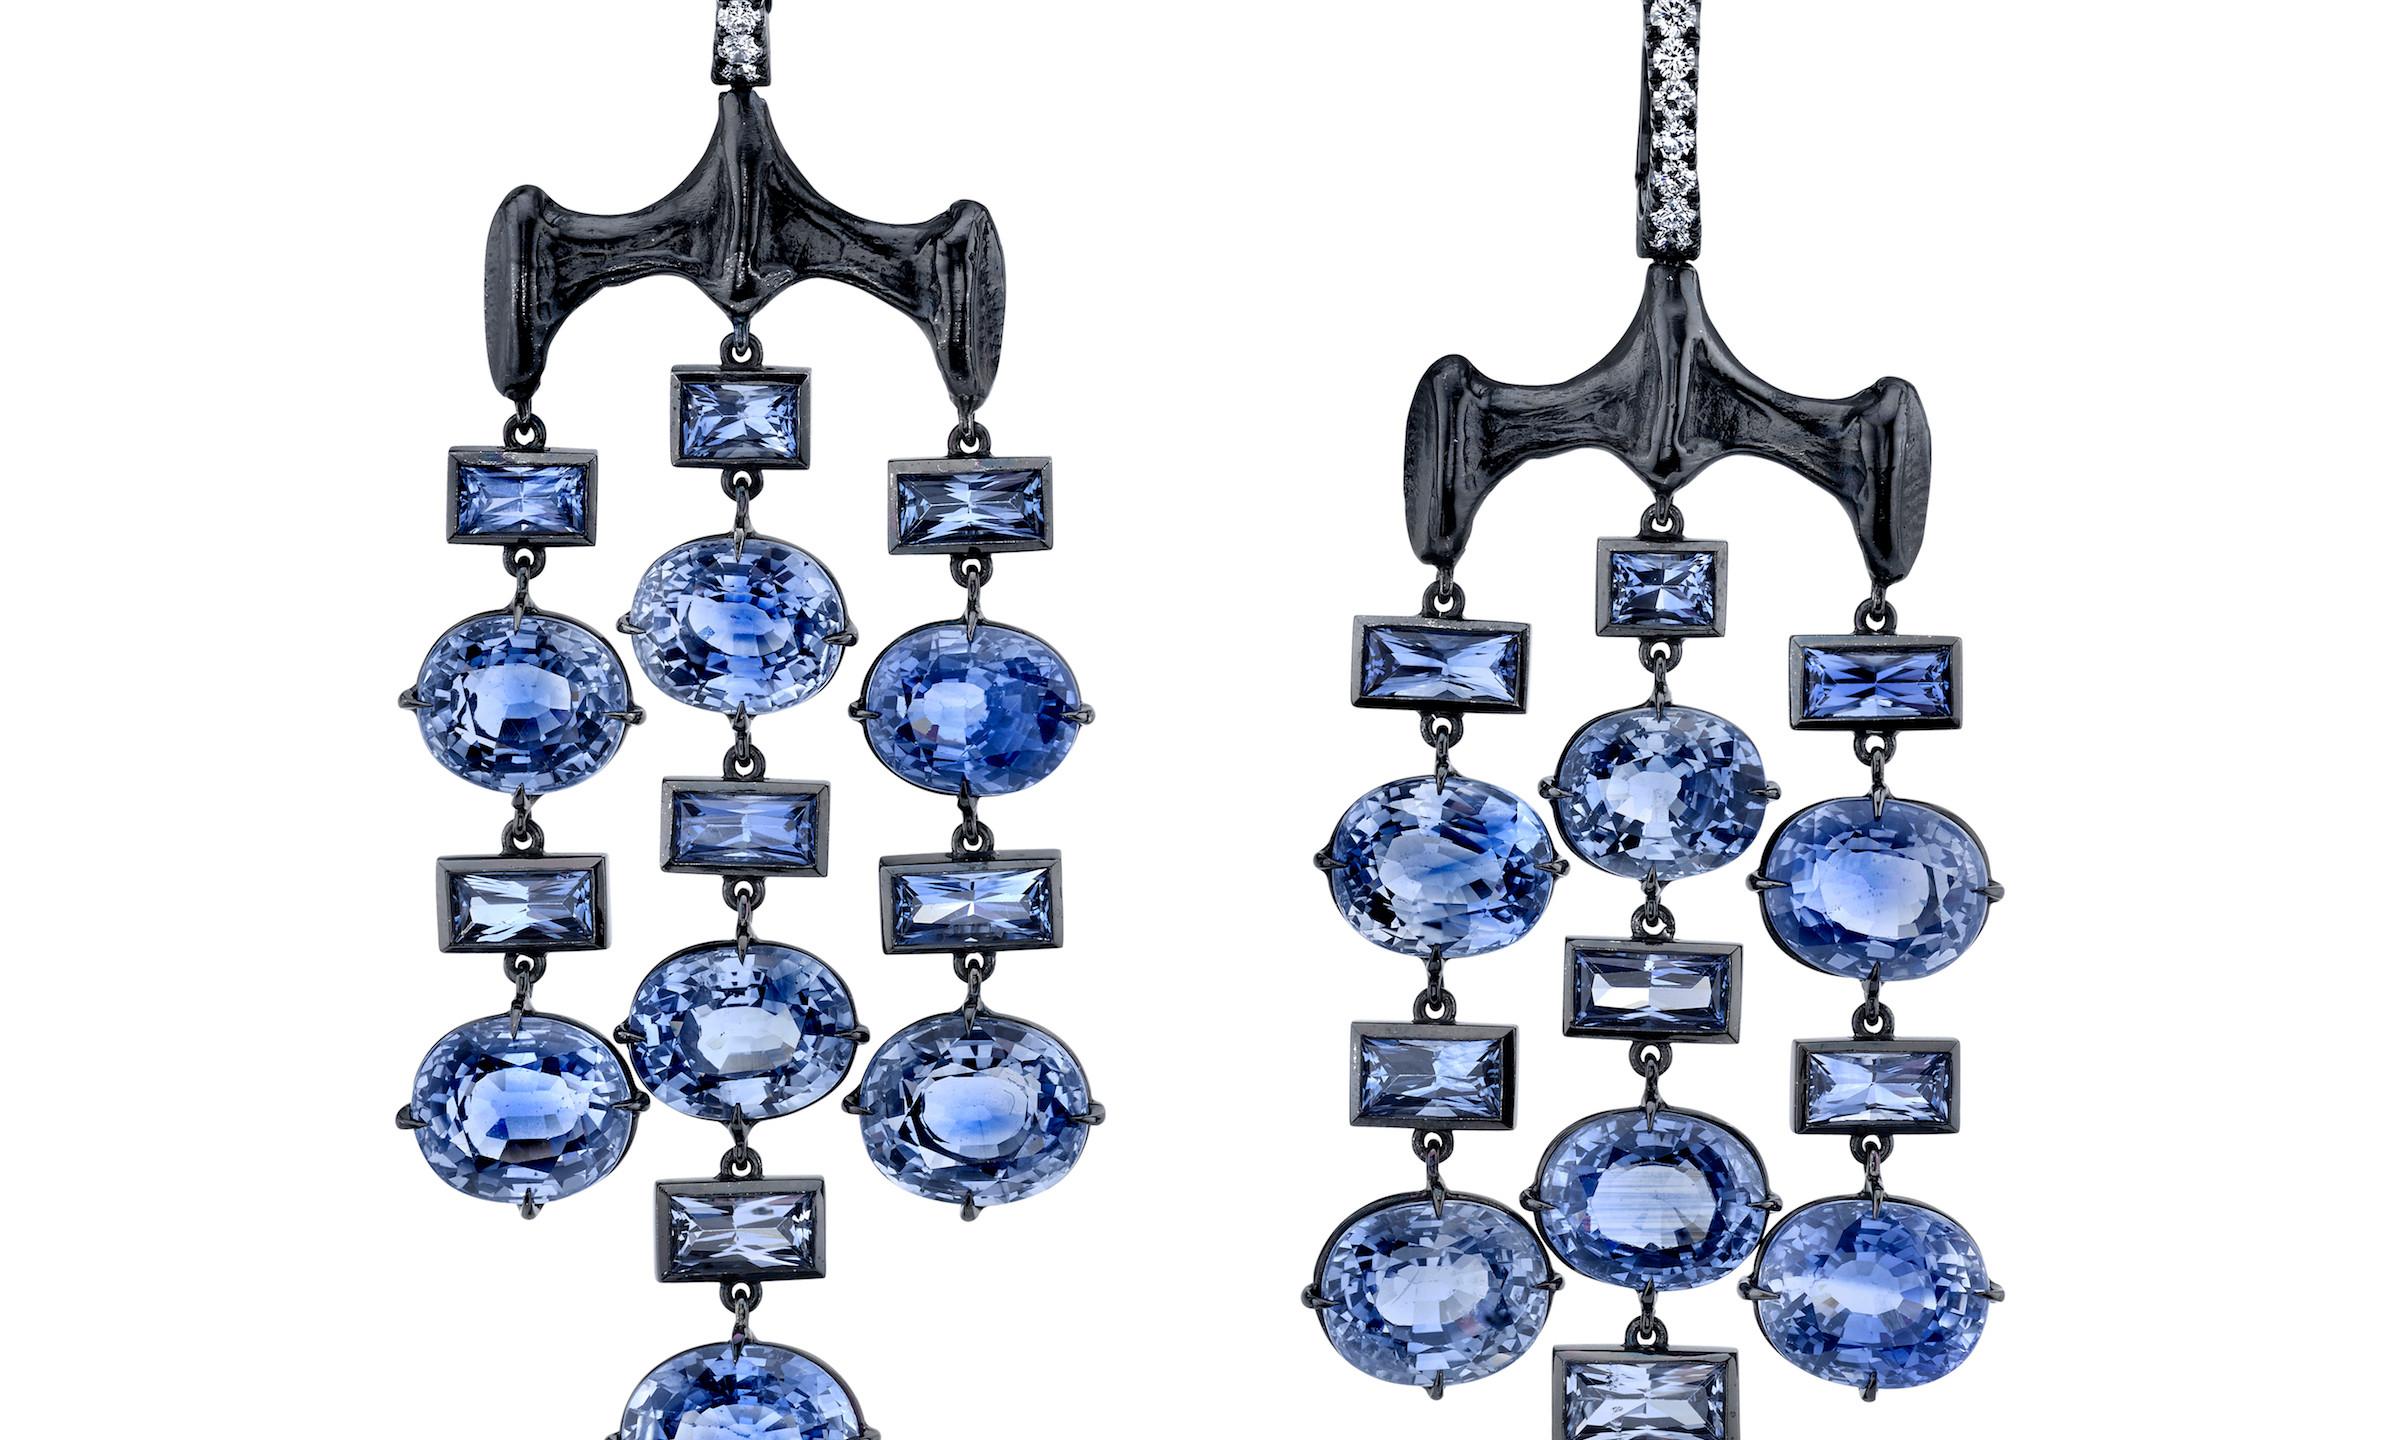 VRAM CHRONA EARRINGS DIAMOND BLUE SAPPHI